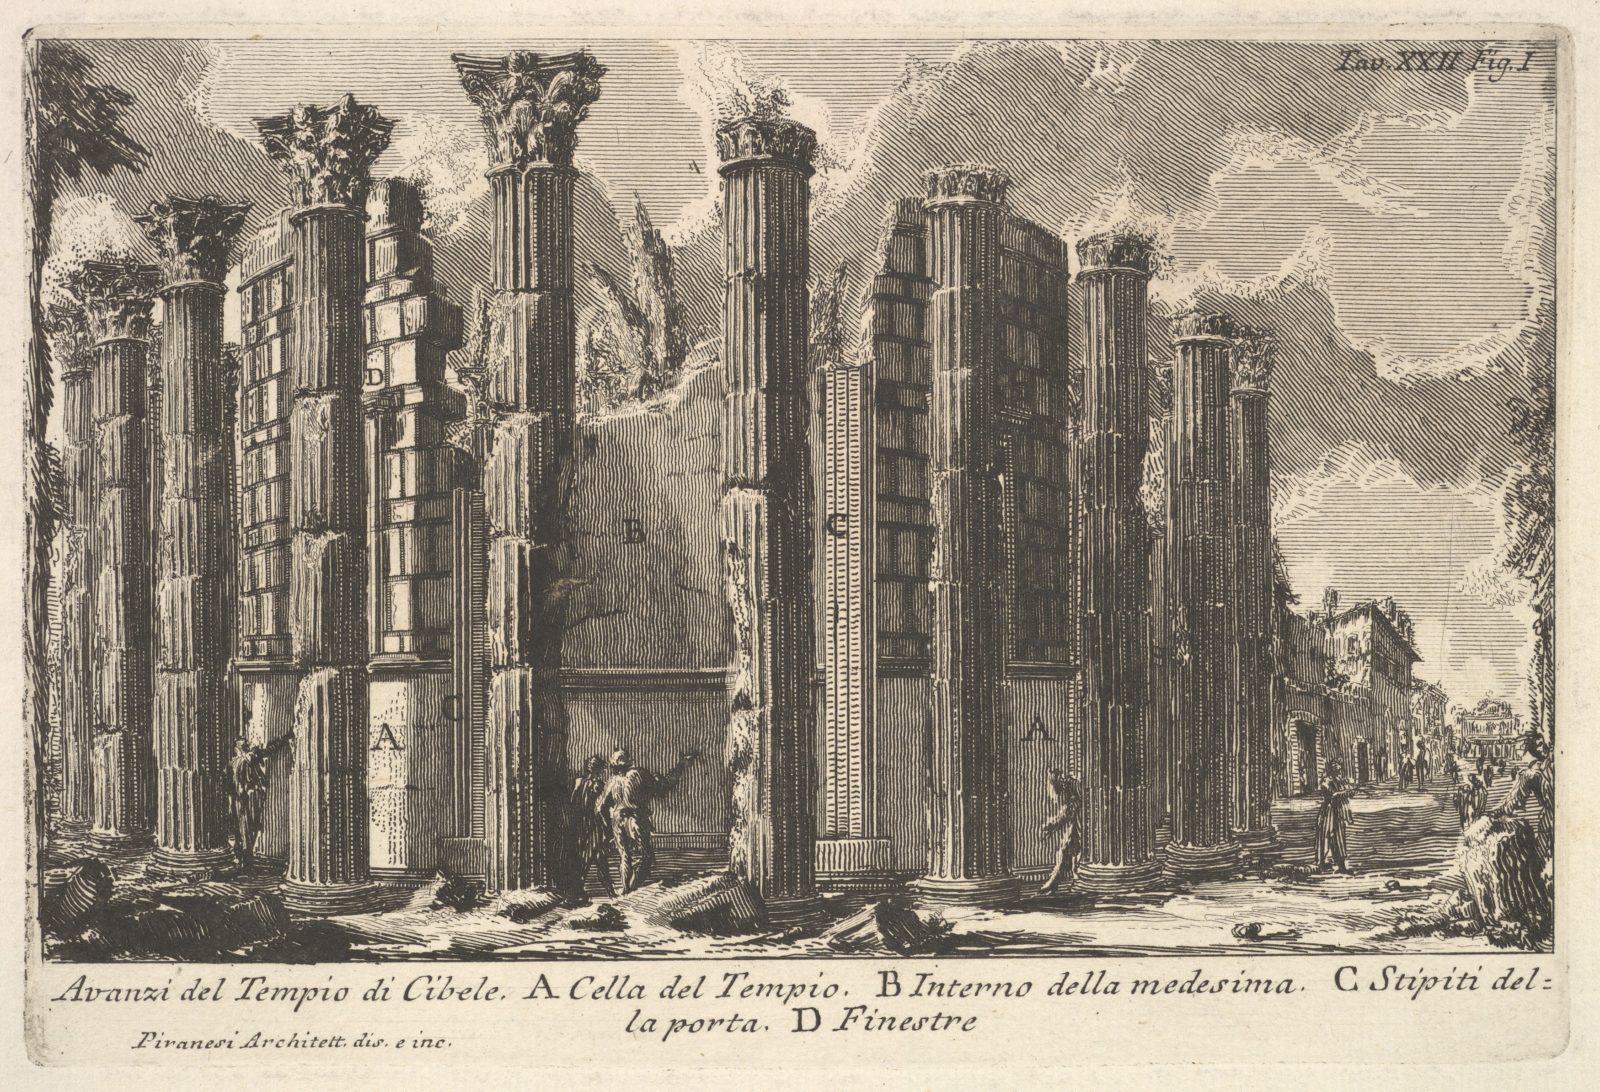 Remains of the Temple of Cybele (Avanzi del Tempio di Cibele)